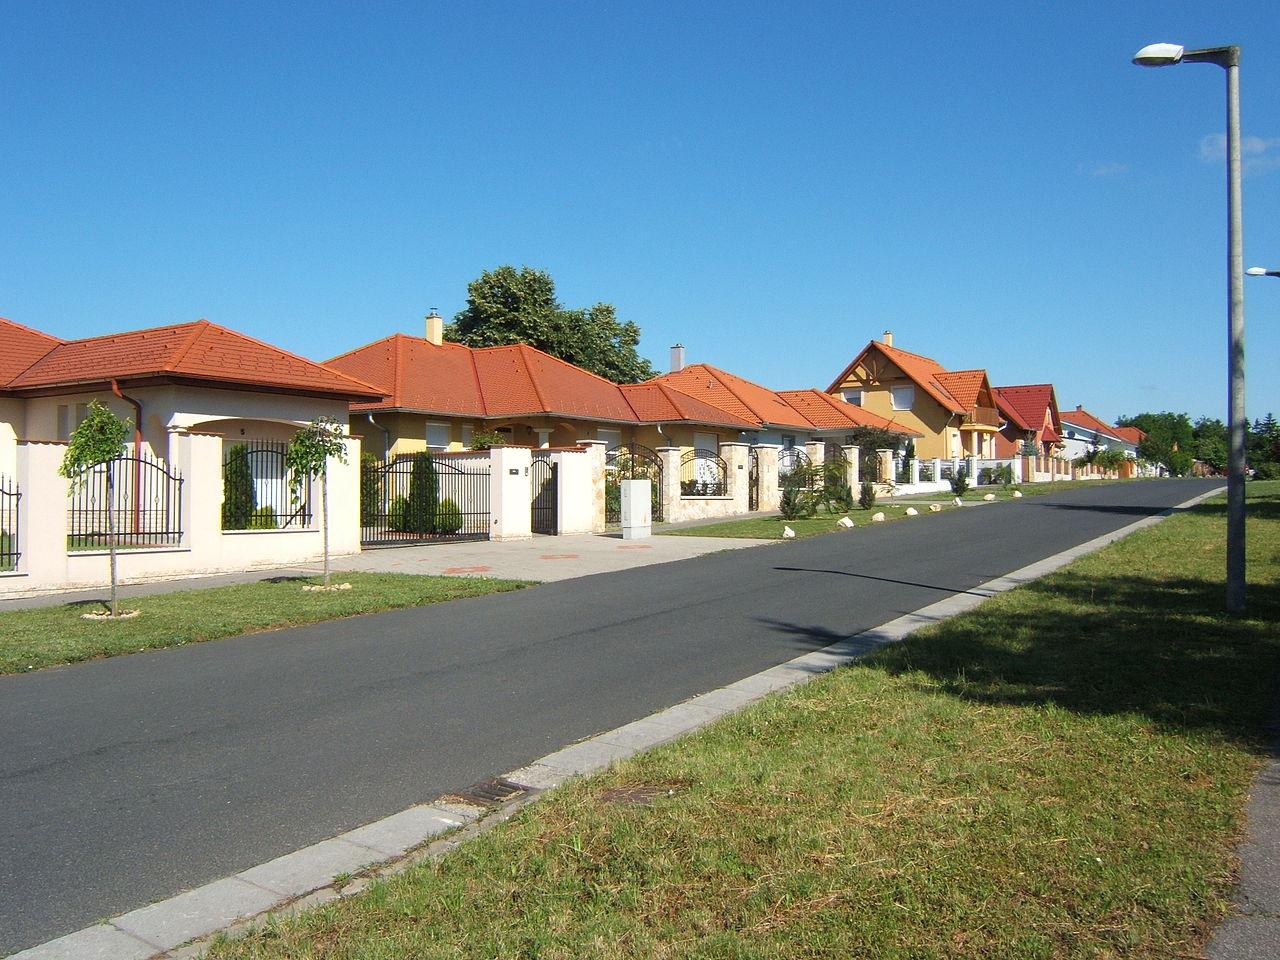 Fájl:Kaposvár, Tüskevár egy új utcája.JPG – Wikipédia